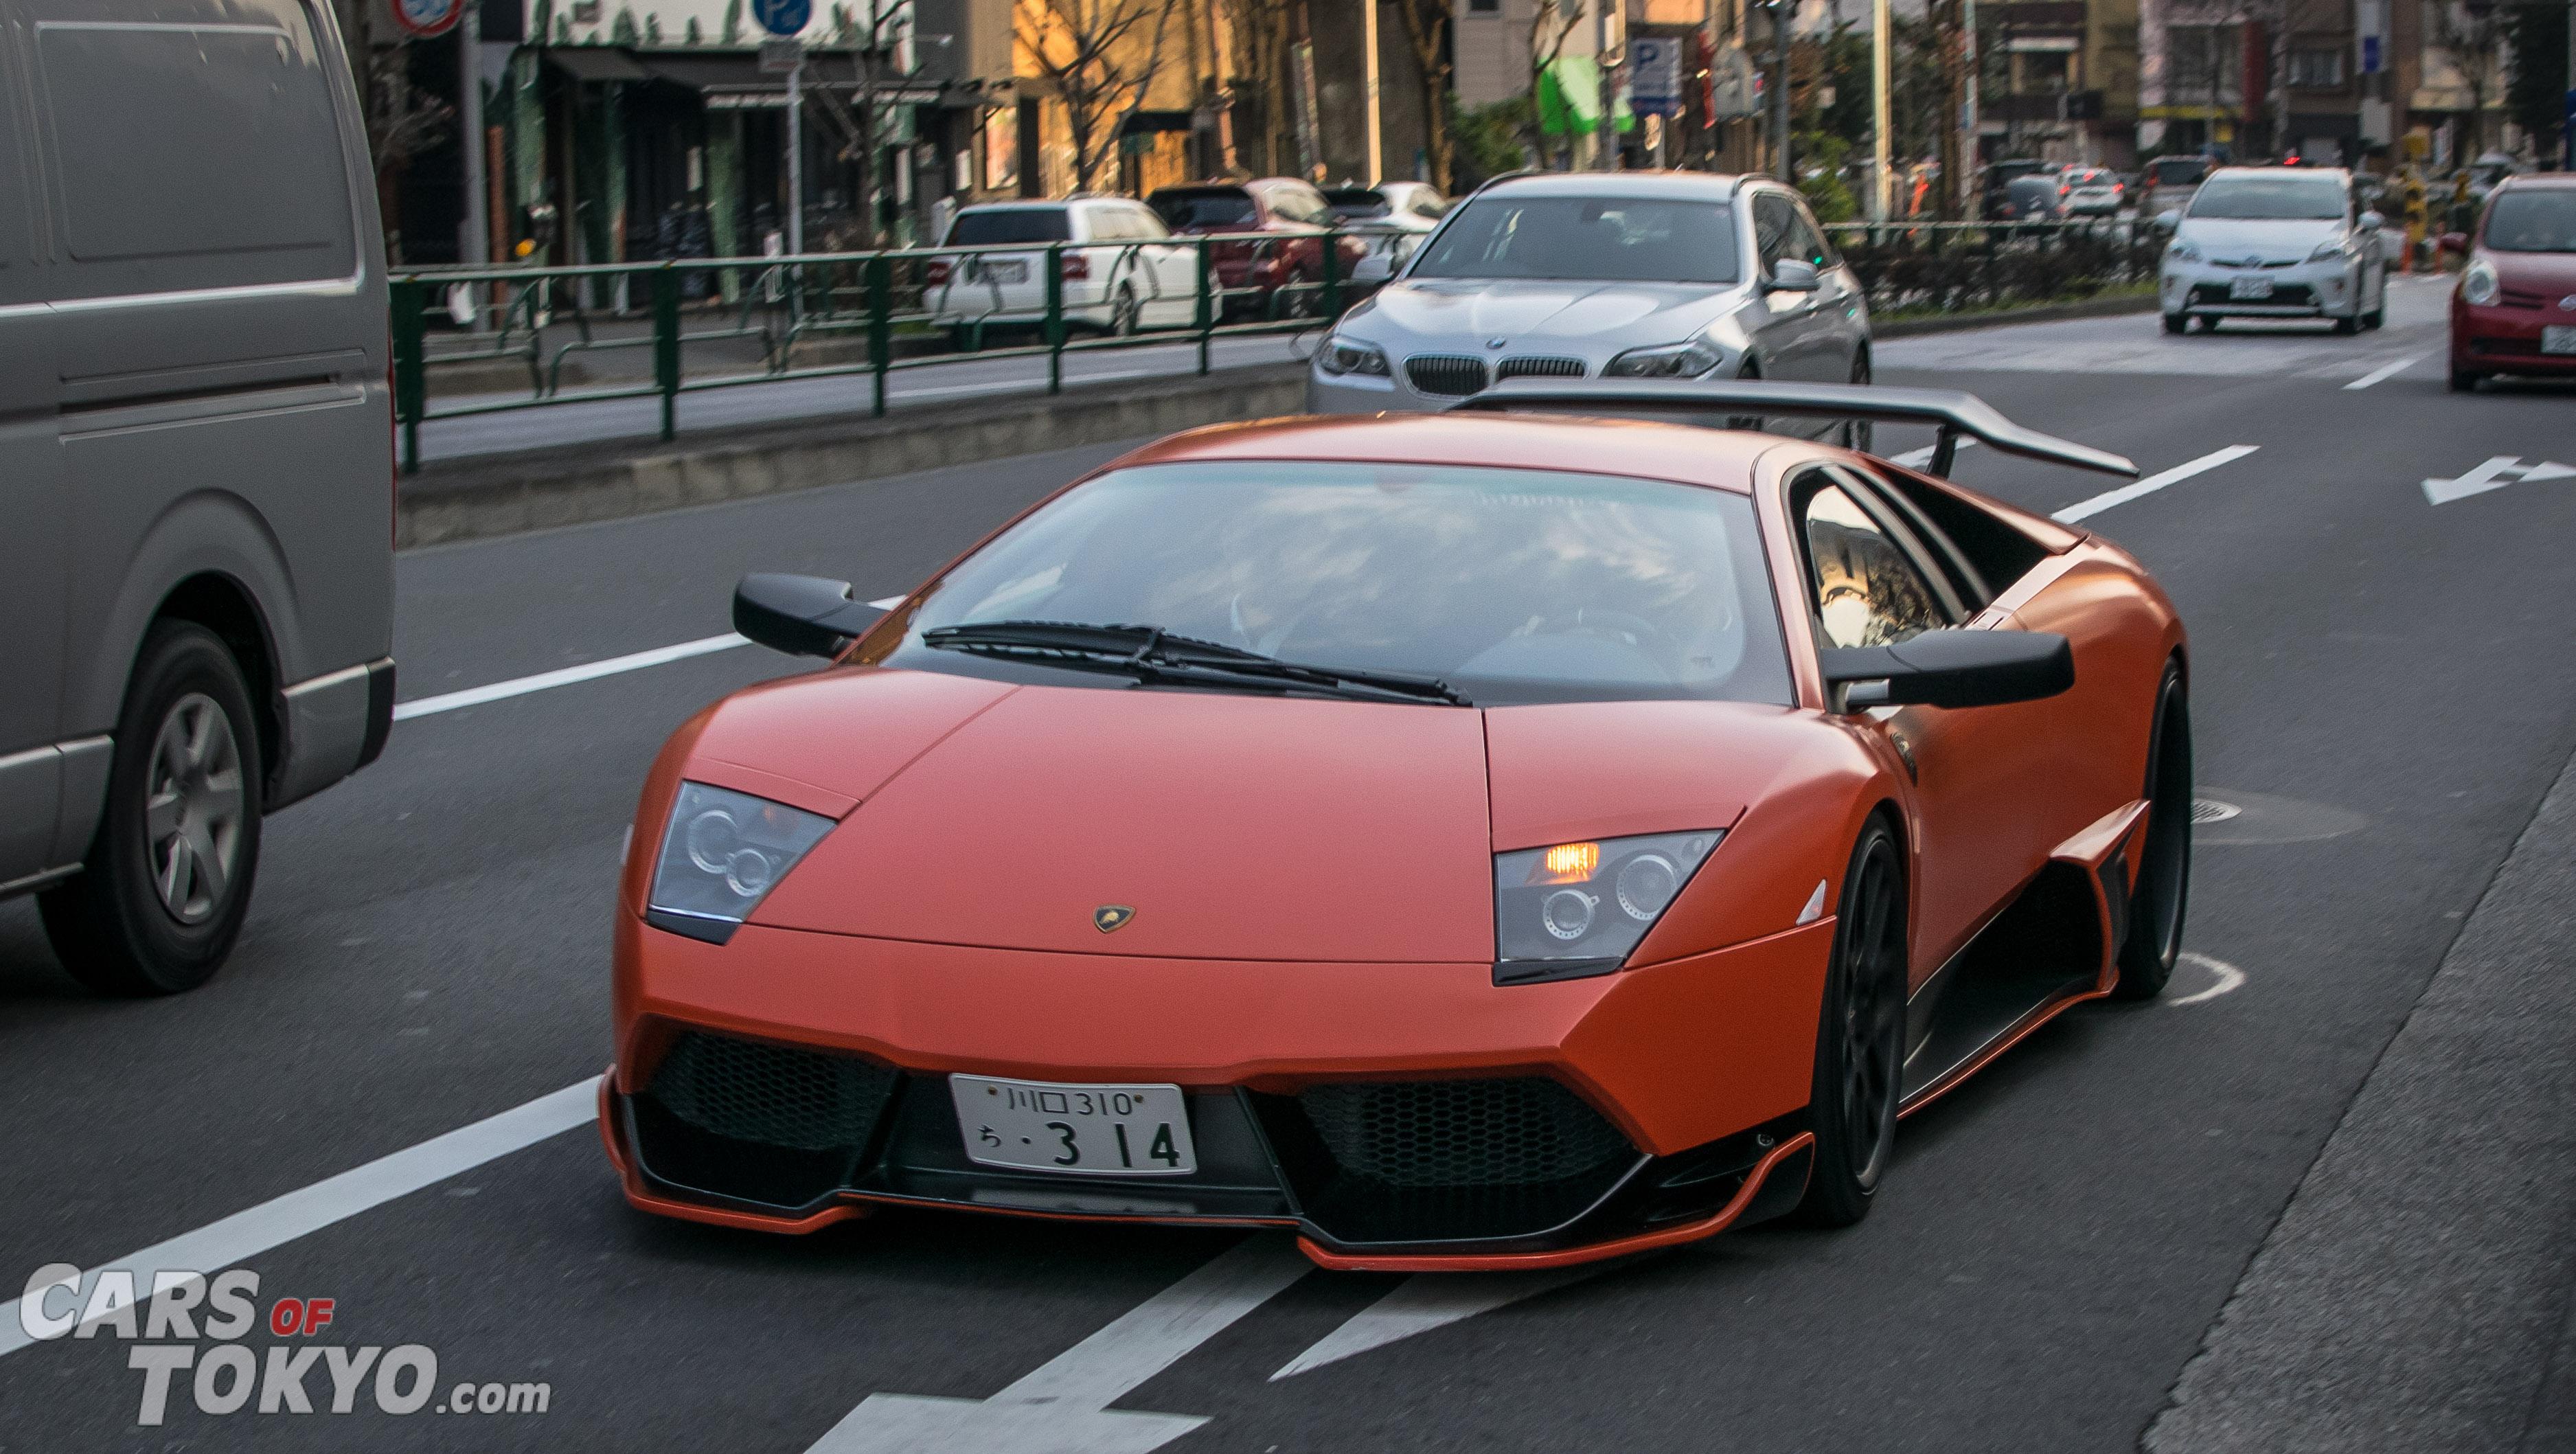 Roppongi Lamborghini Murcielago Liberty Walk Cars Of Tokyo